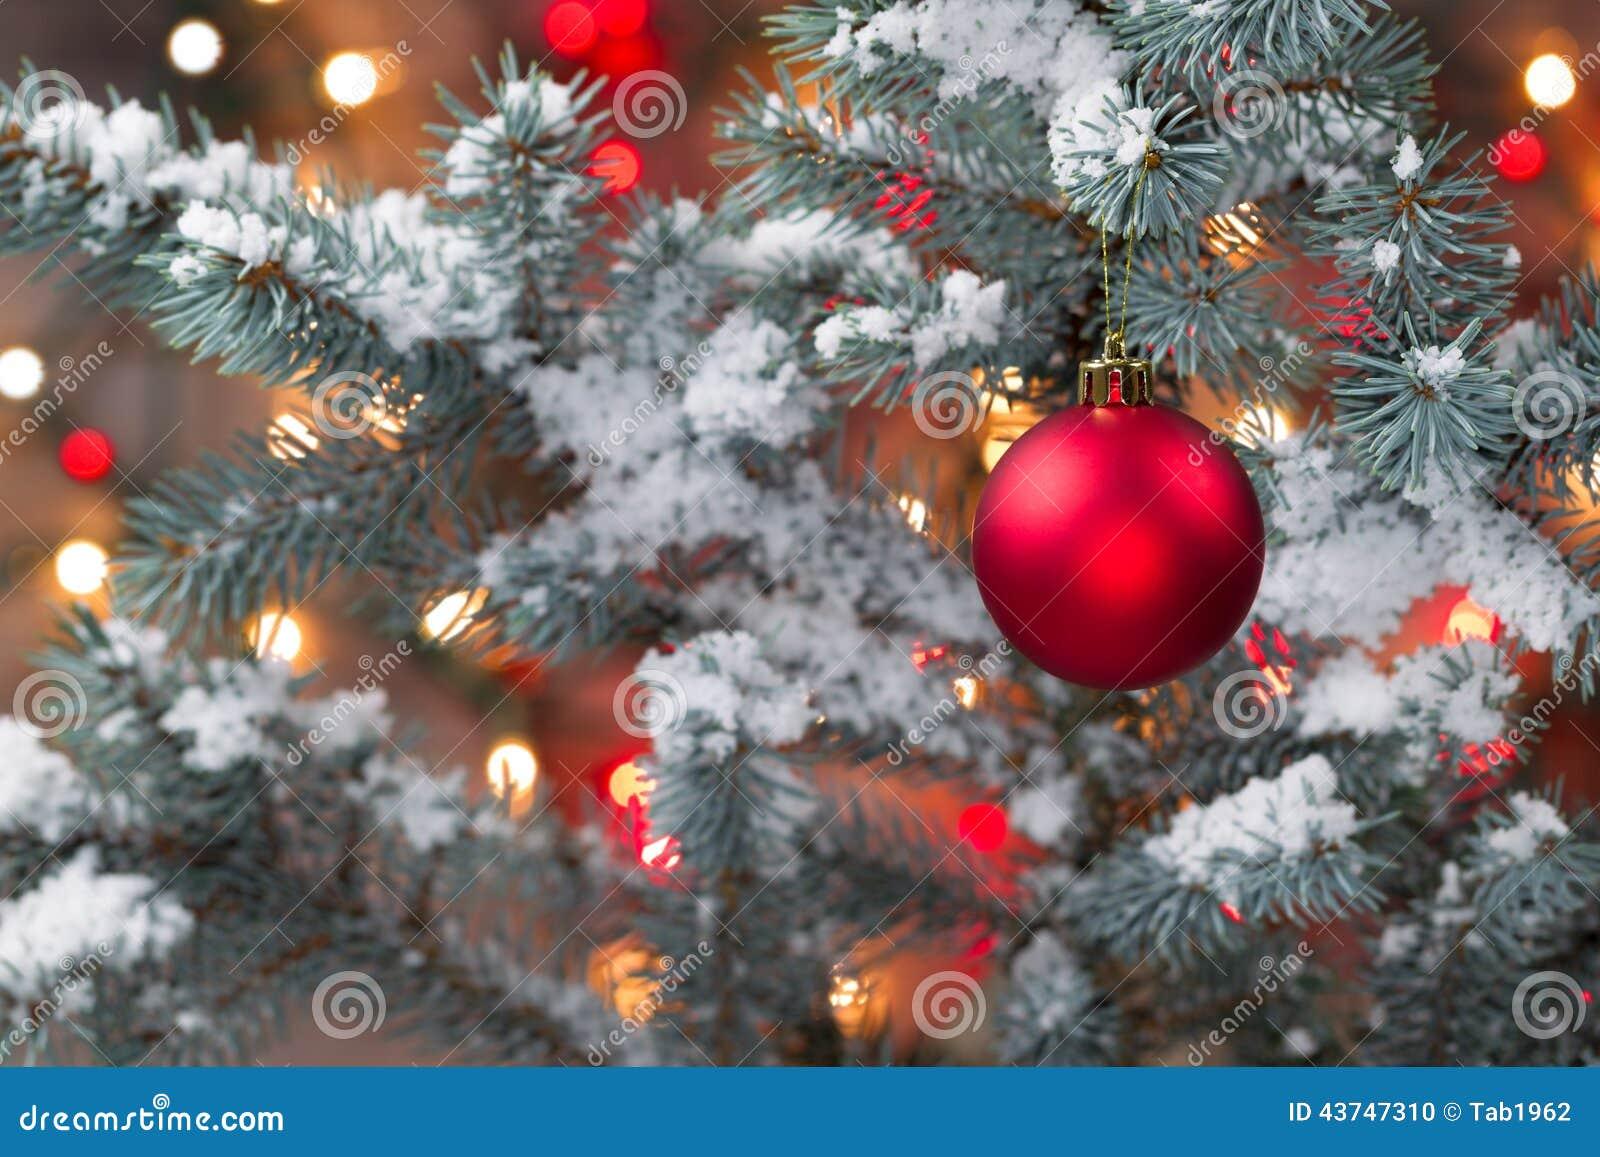 rbol de navidad nevado con el colgante del ornamento rojo